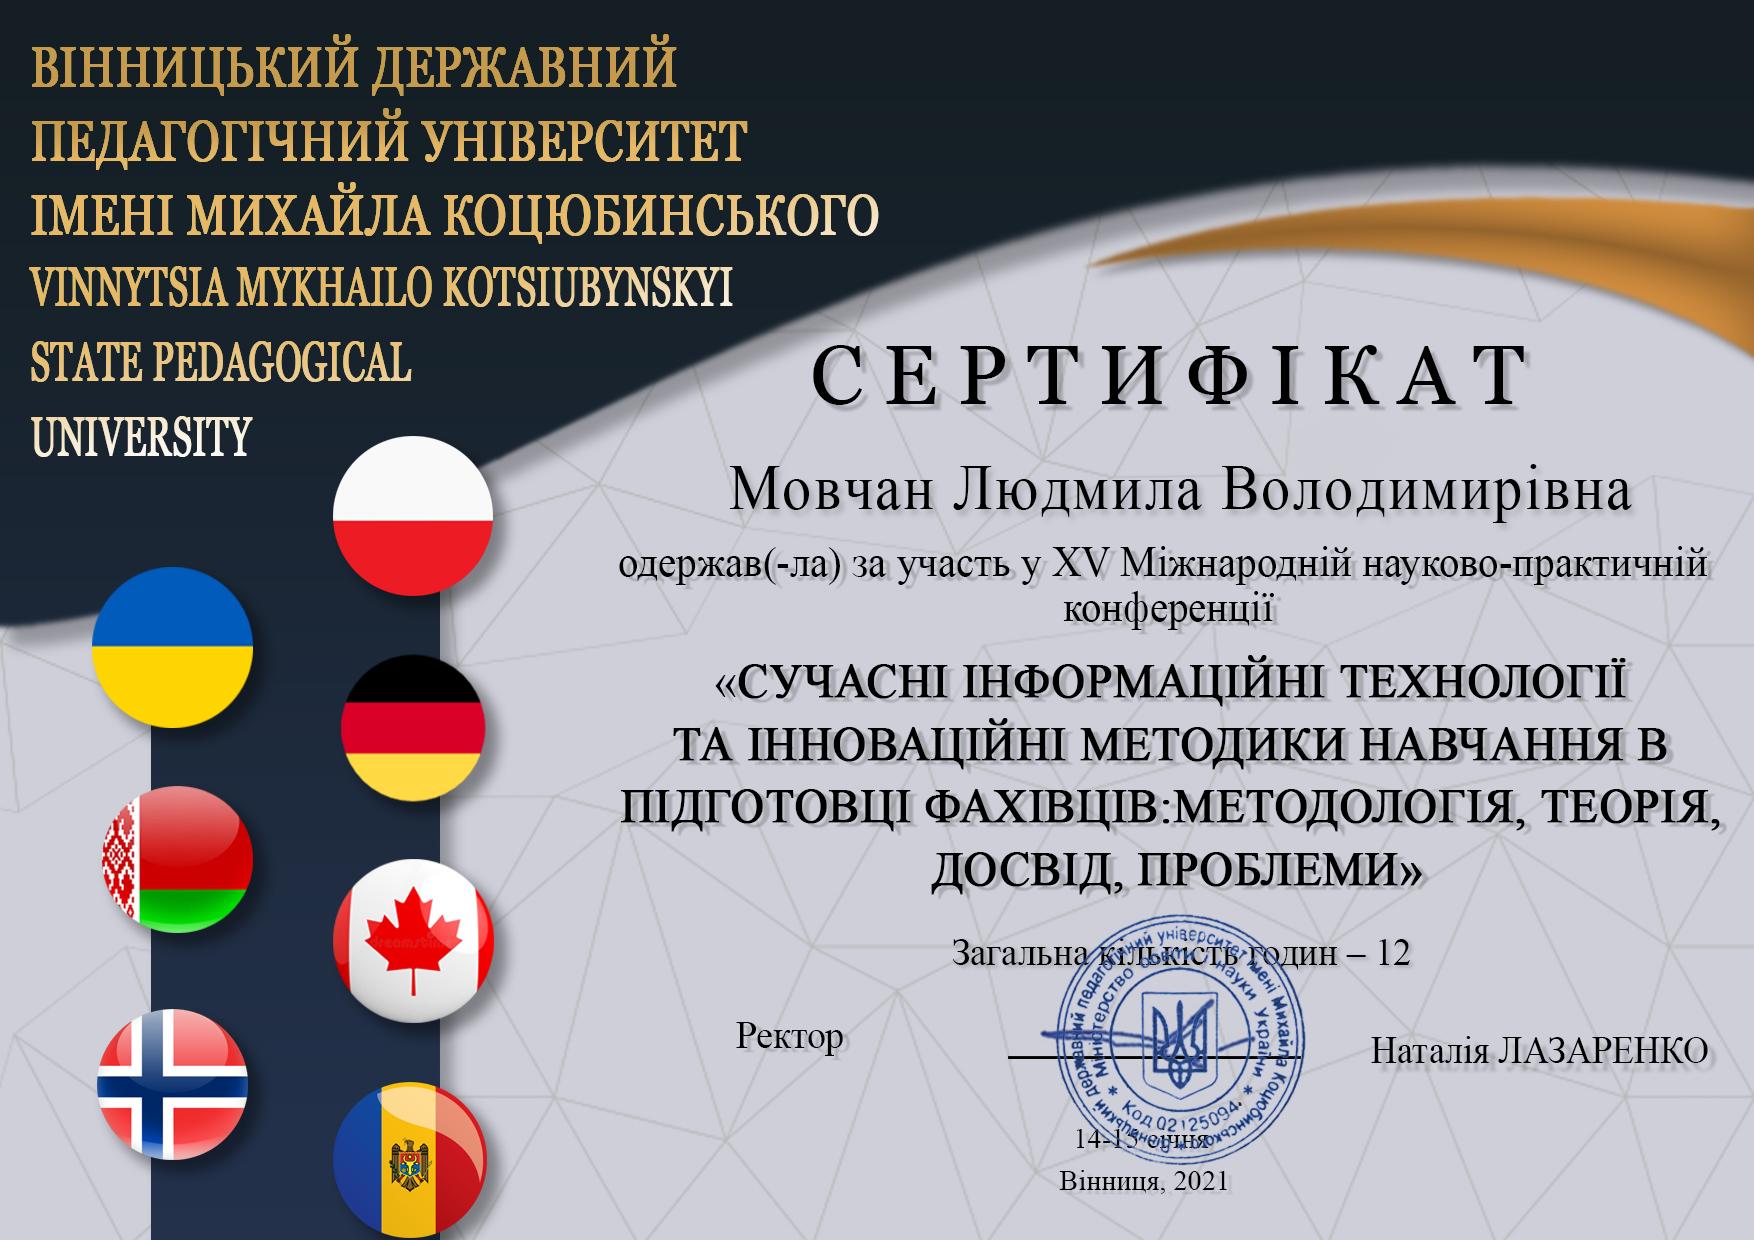 Мовчан Людмила Володимирівна